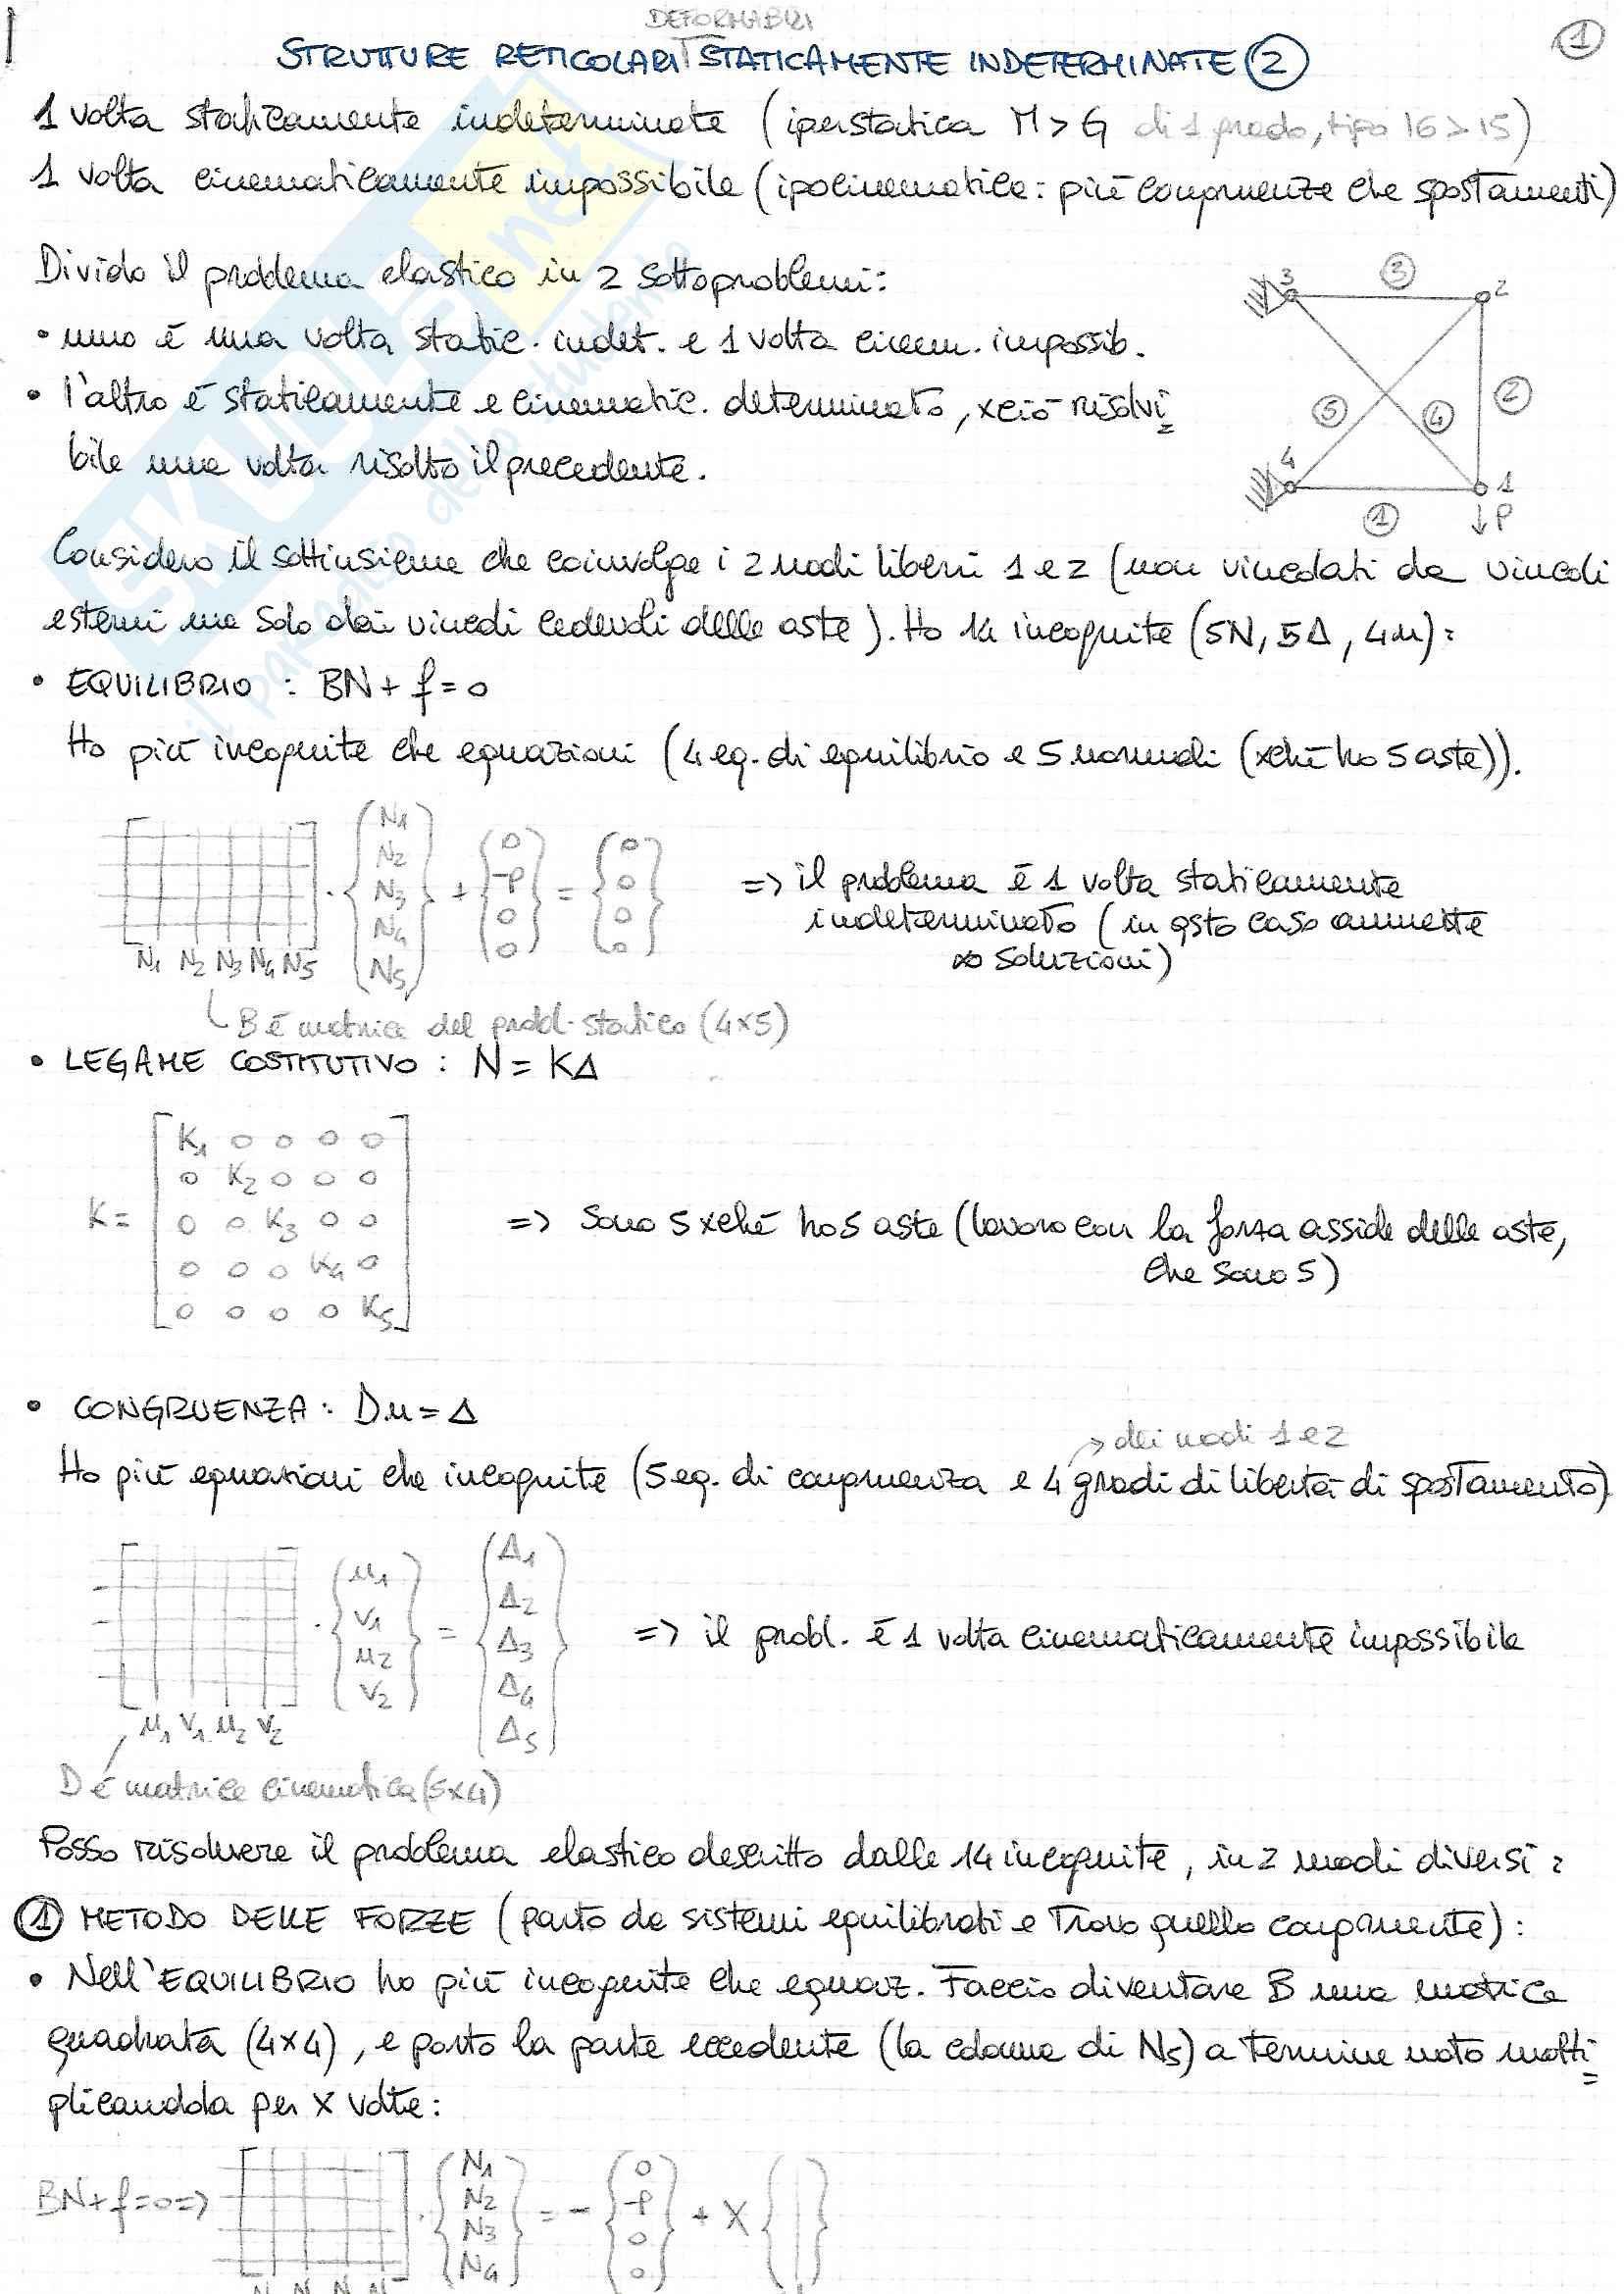 Riassunto esame Scienza delle Costruzioni - Prof. F. Vestroni - Libro consigliato Casini Vasta